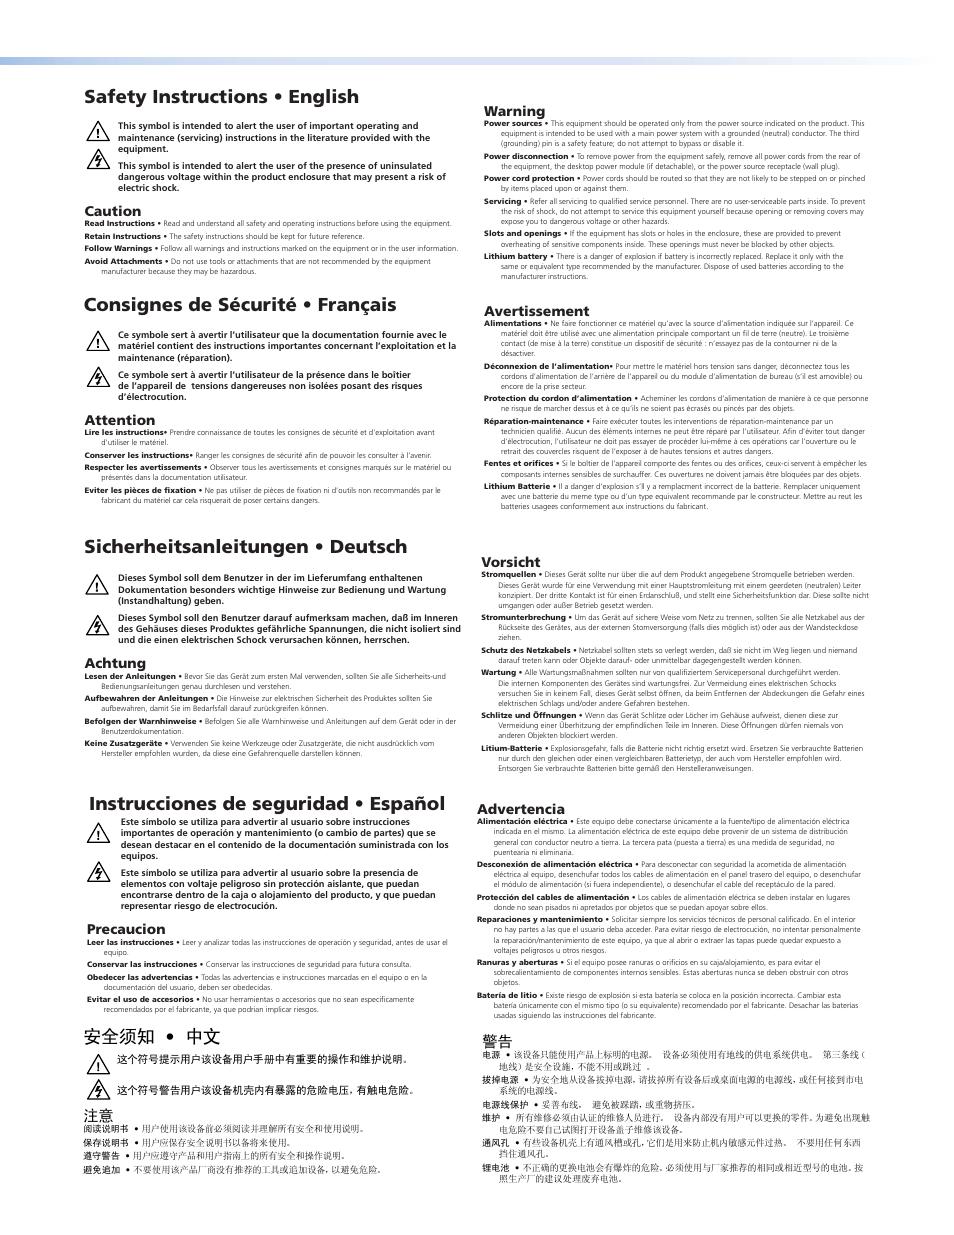 Precautions/safety instructions, Instrucciones de seguridad • español 安全须知  • 中文, Caution